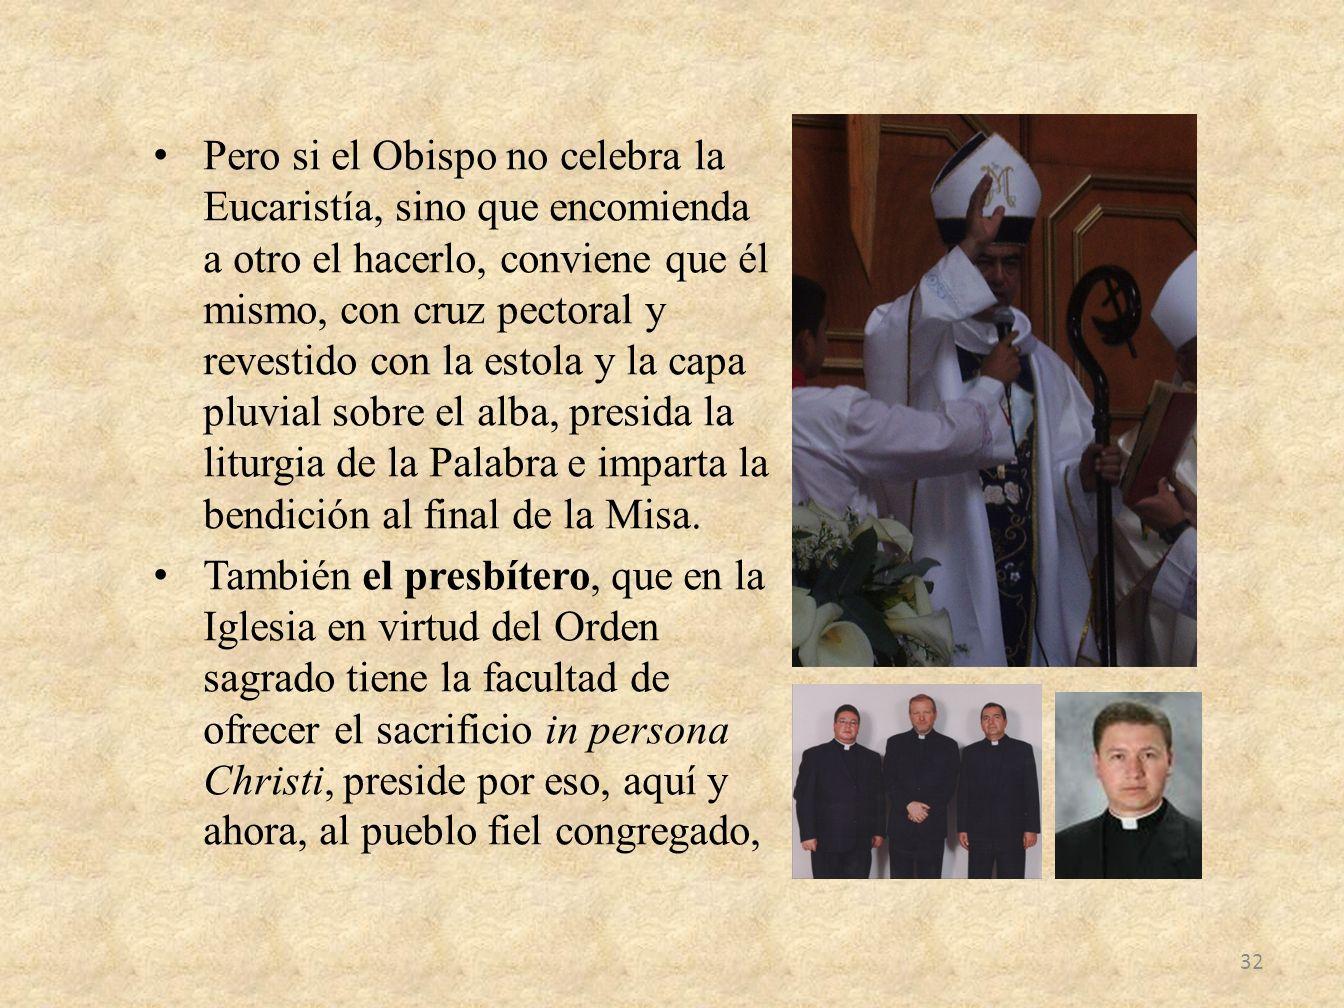 Pero si el Obispo no celebra la Eucaristía, sino que encomienda a otro el hacerlo, conviene que él mismo, con cruz pectoral y revestido con la estola